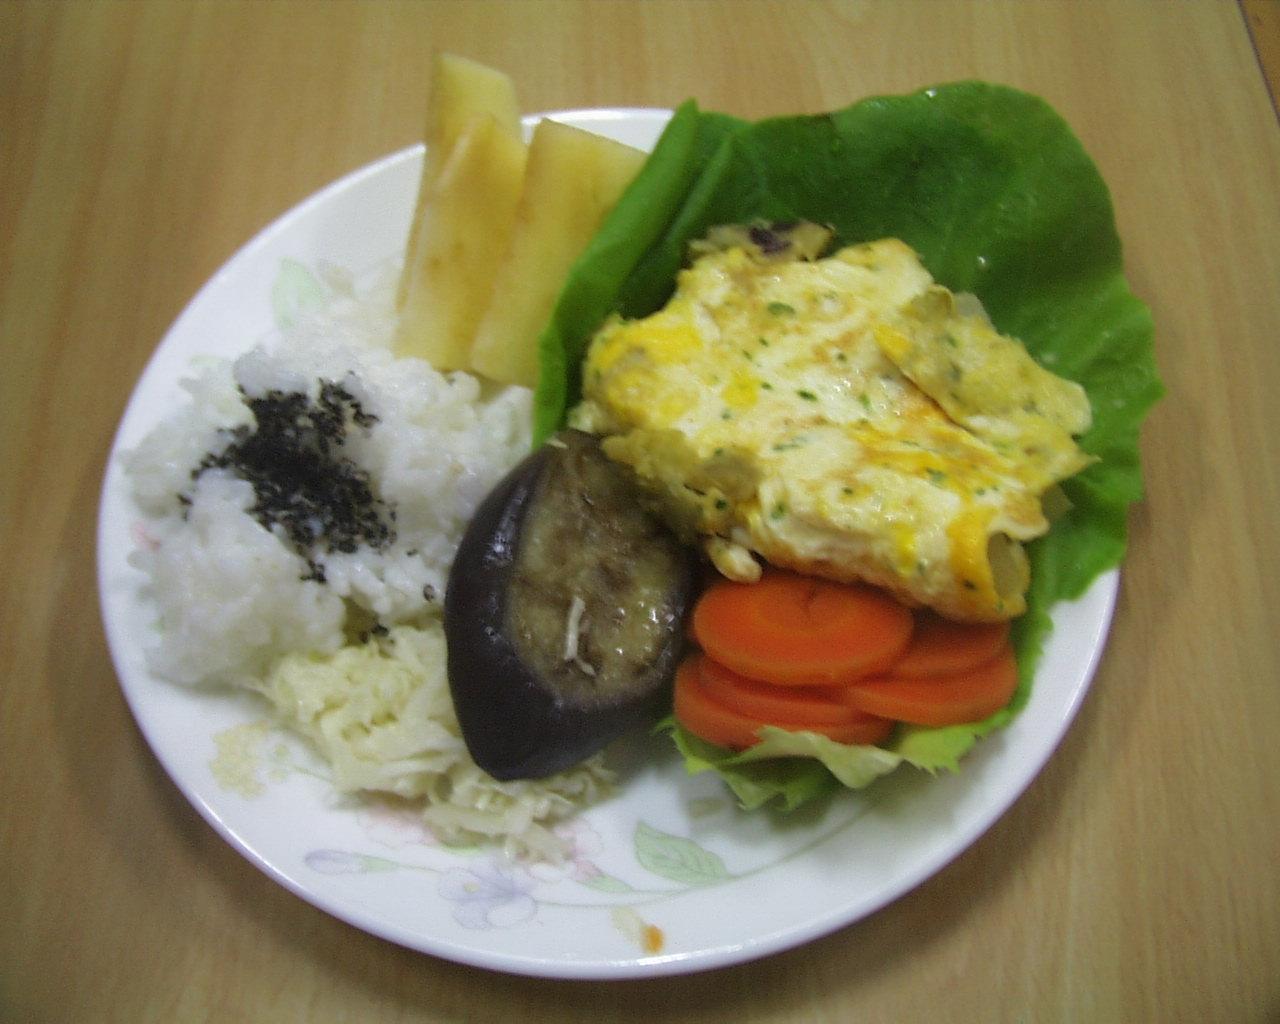 ごはんと、とうがん青海苔オムレツ、野菜の盛り合わせ